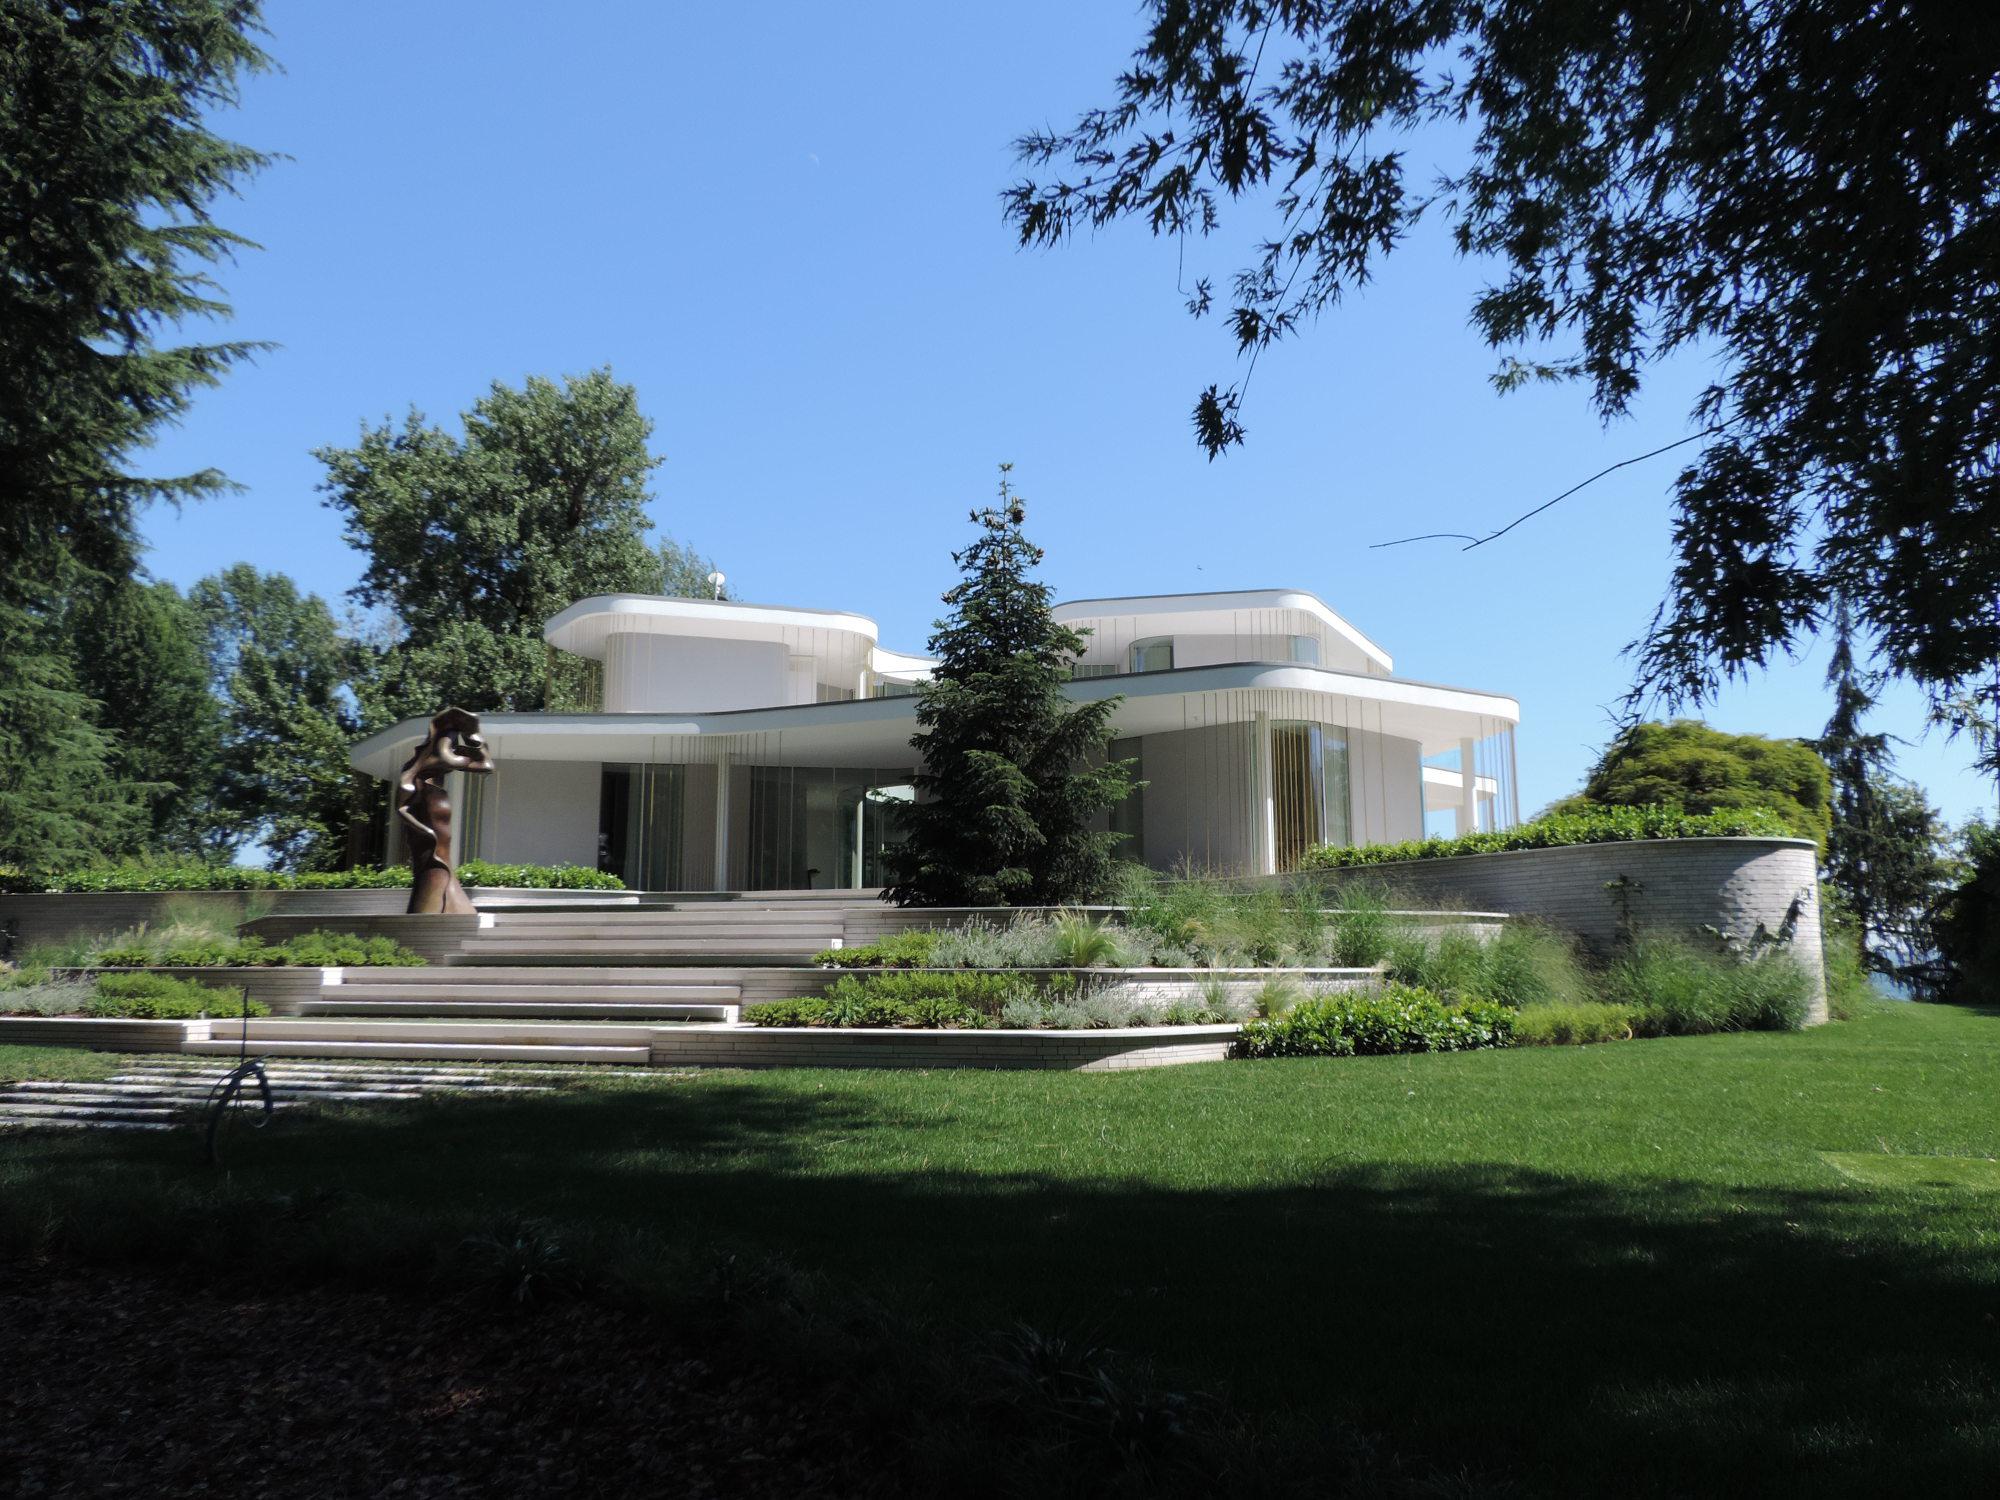 0718_RobertoManzetti-Architetto-NeuHouse-5